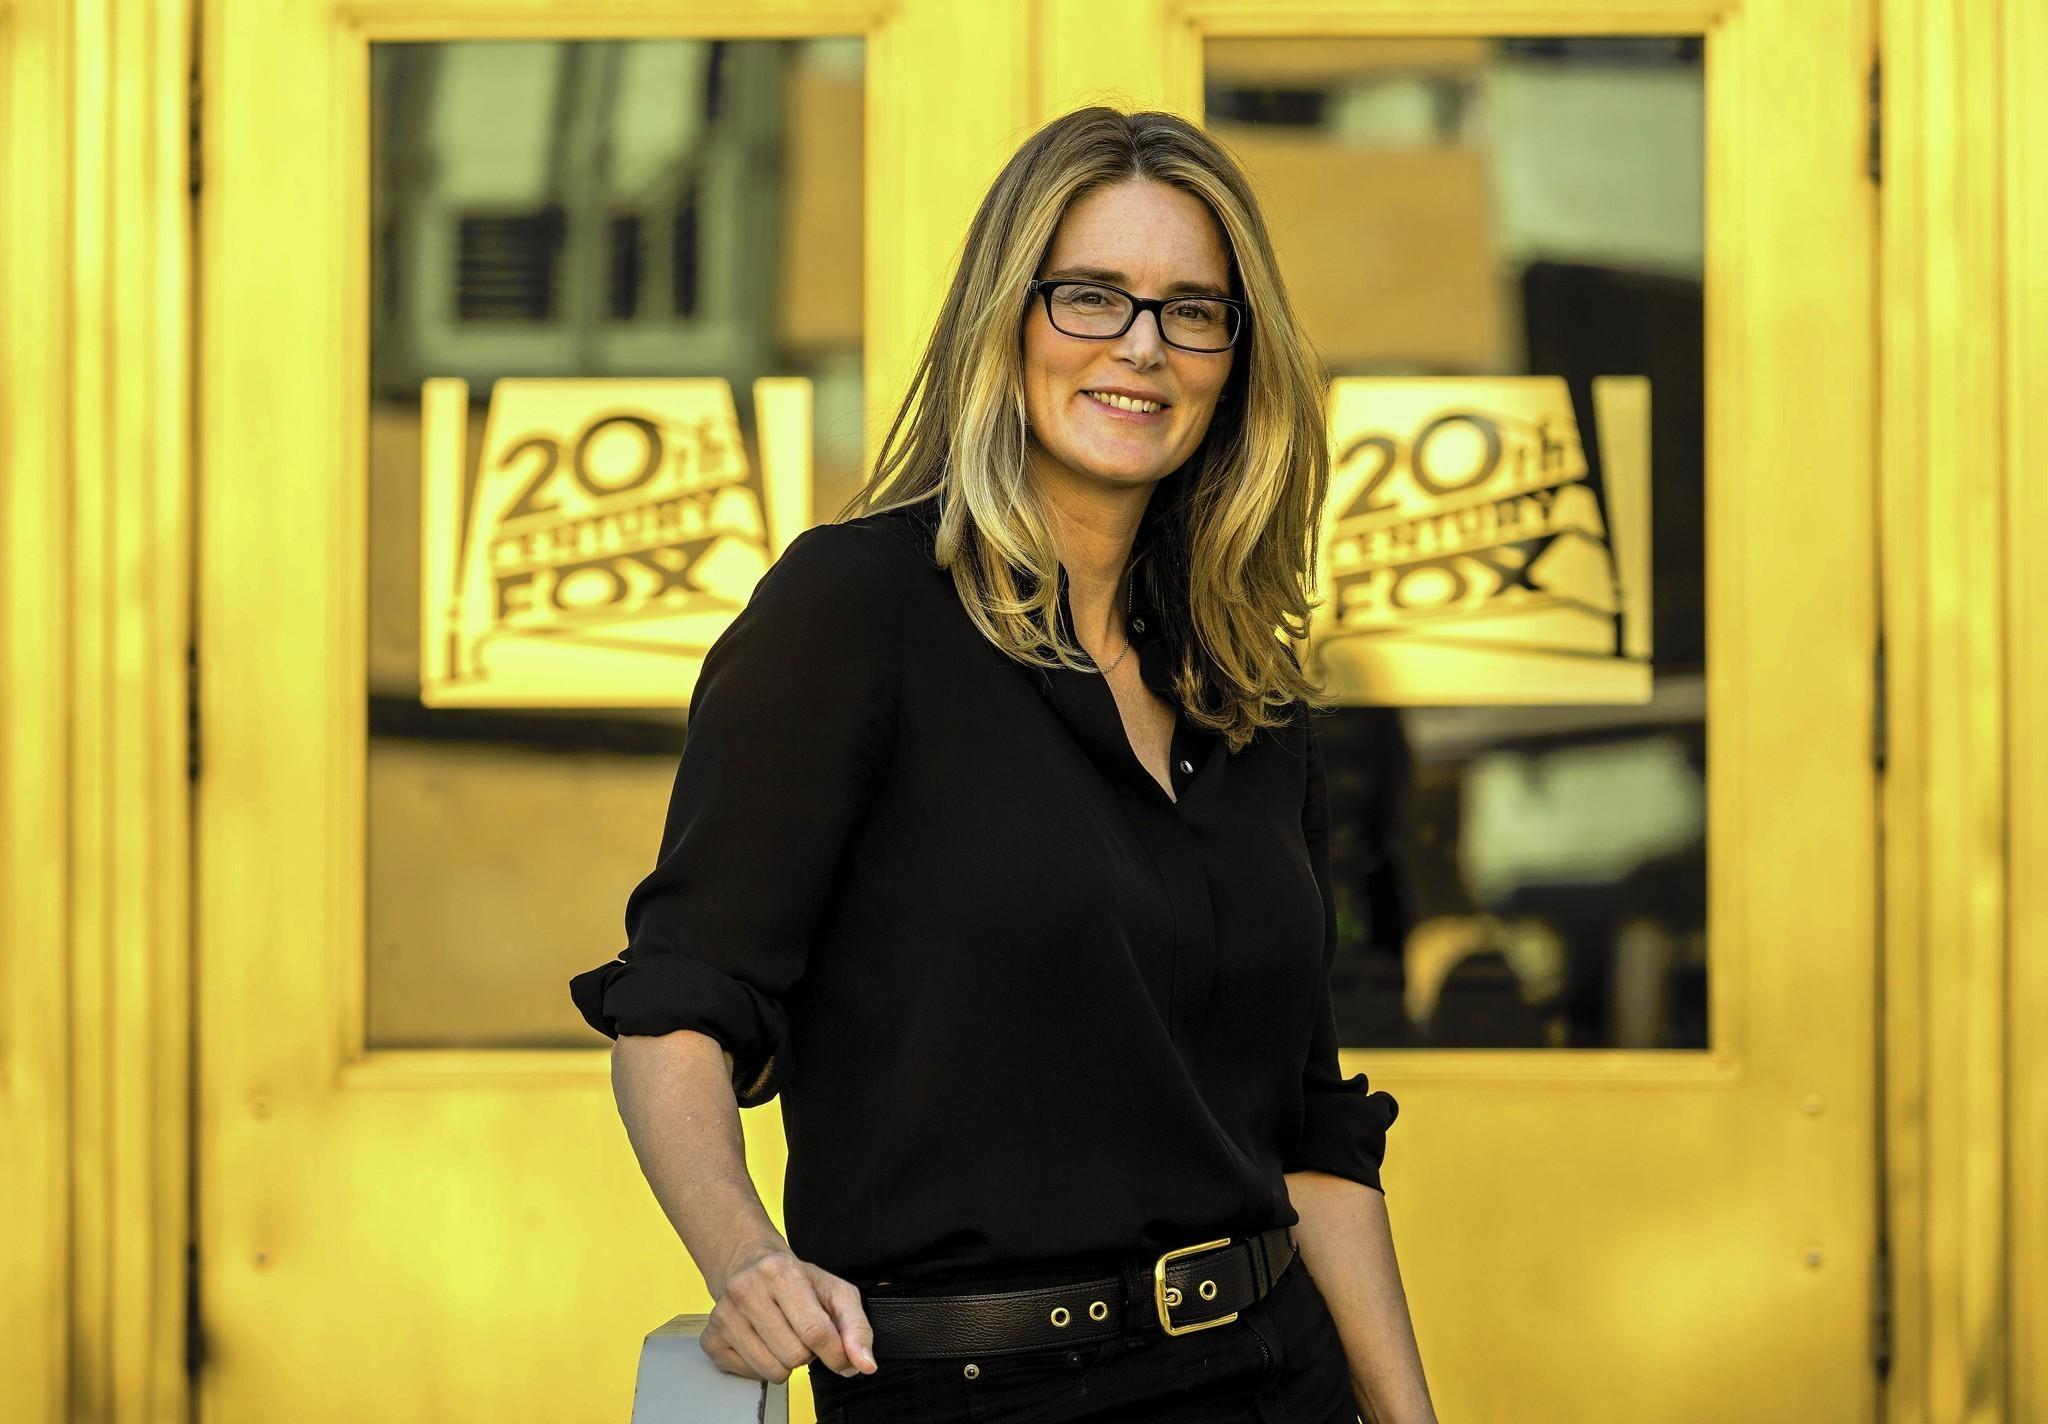 How I Made It Emma Watts 20th Century Fox Production